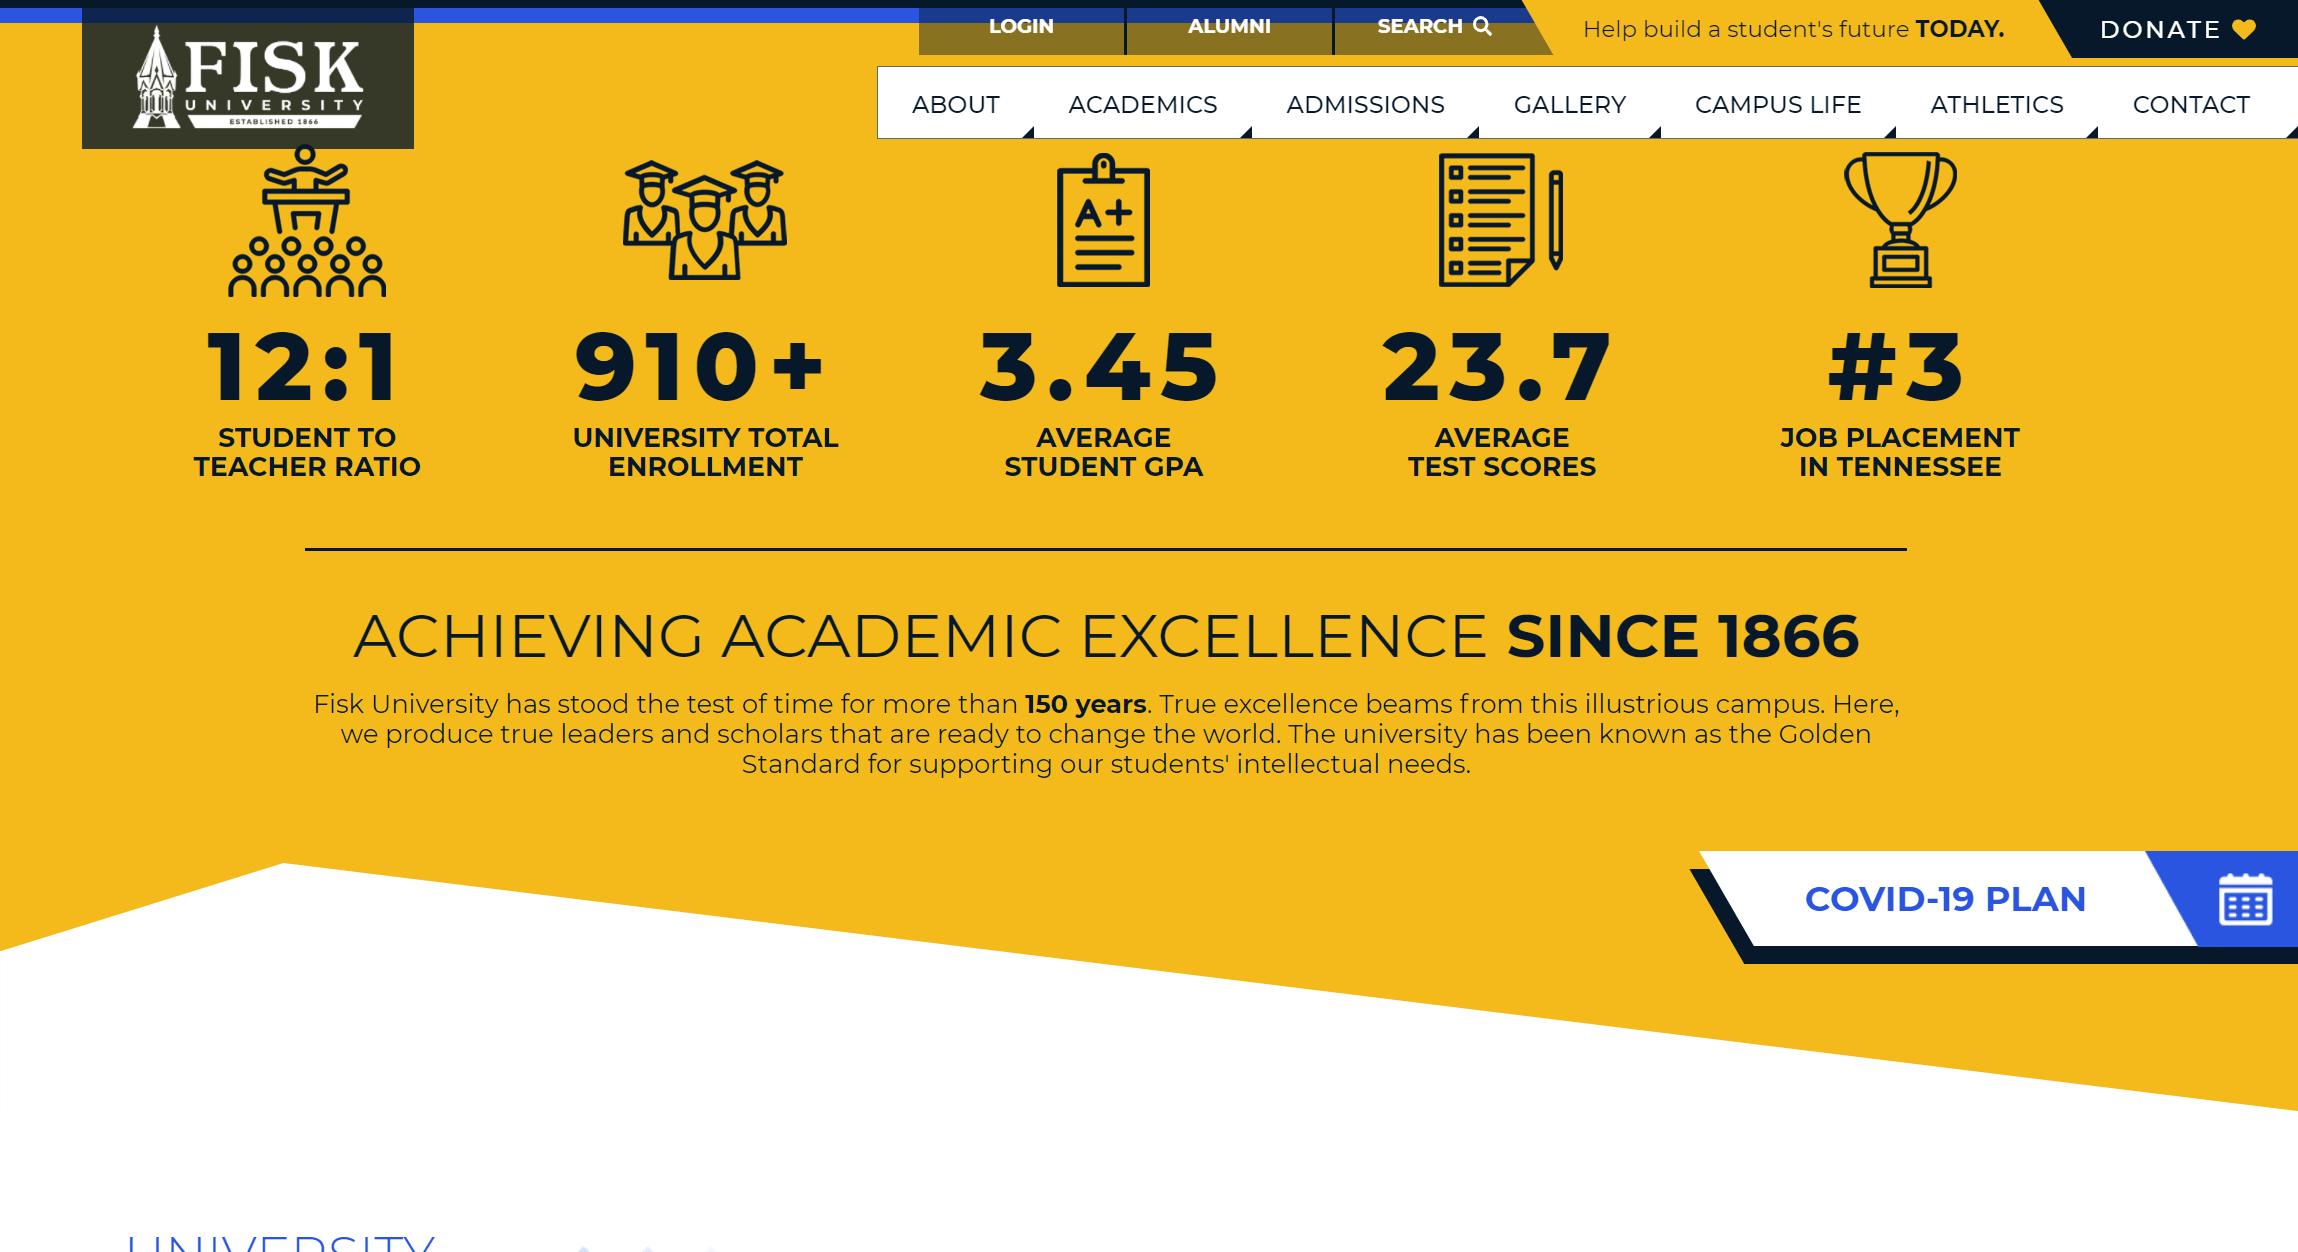 www.fisk.edu-2